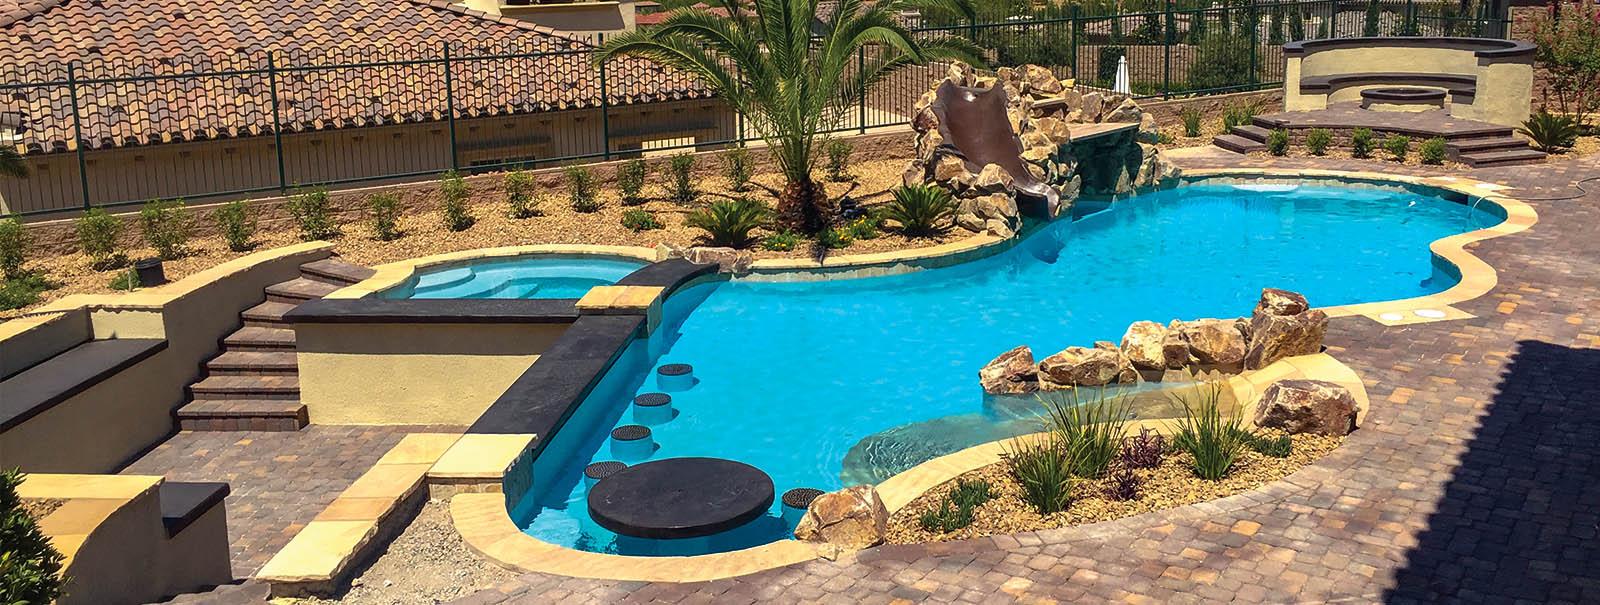 las vegas custom swimming pool builders